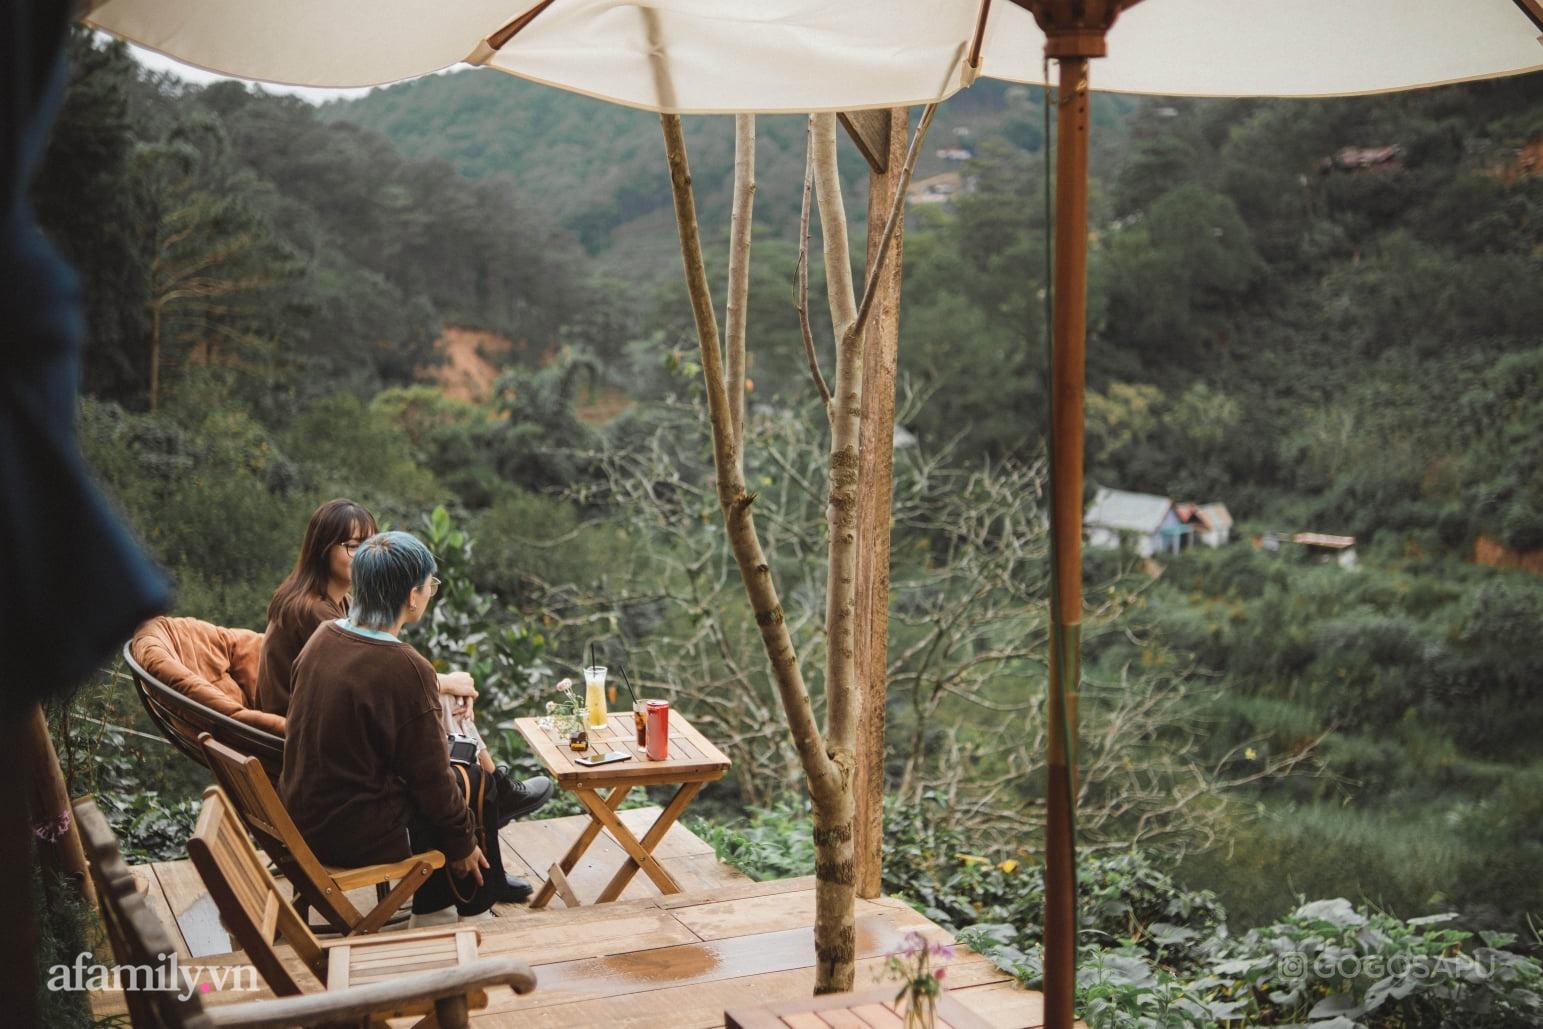 """Thung lũng """"bí ẩn"""" lạ lẫm ở Đà Lạt: Có hoa vàng cỏ xanh, suối mát lành đẹp như tranh vẽ, nhưng không phải cứ muốn đến là được, cũng chẳng có 3G để xài! - Ảnh 2."""